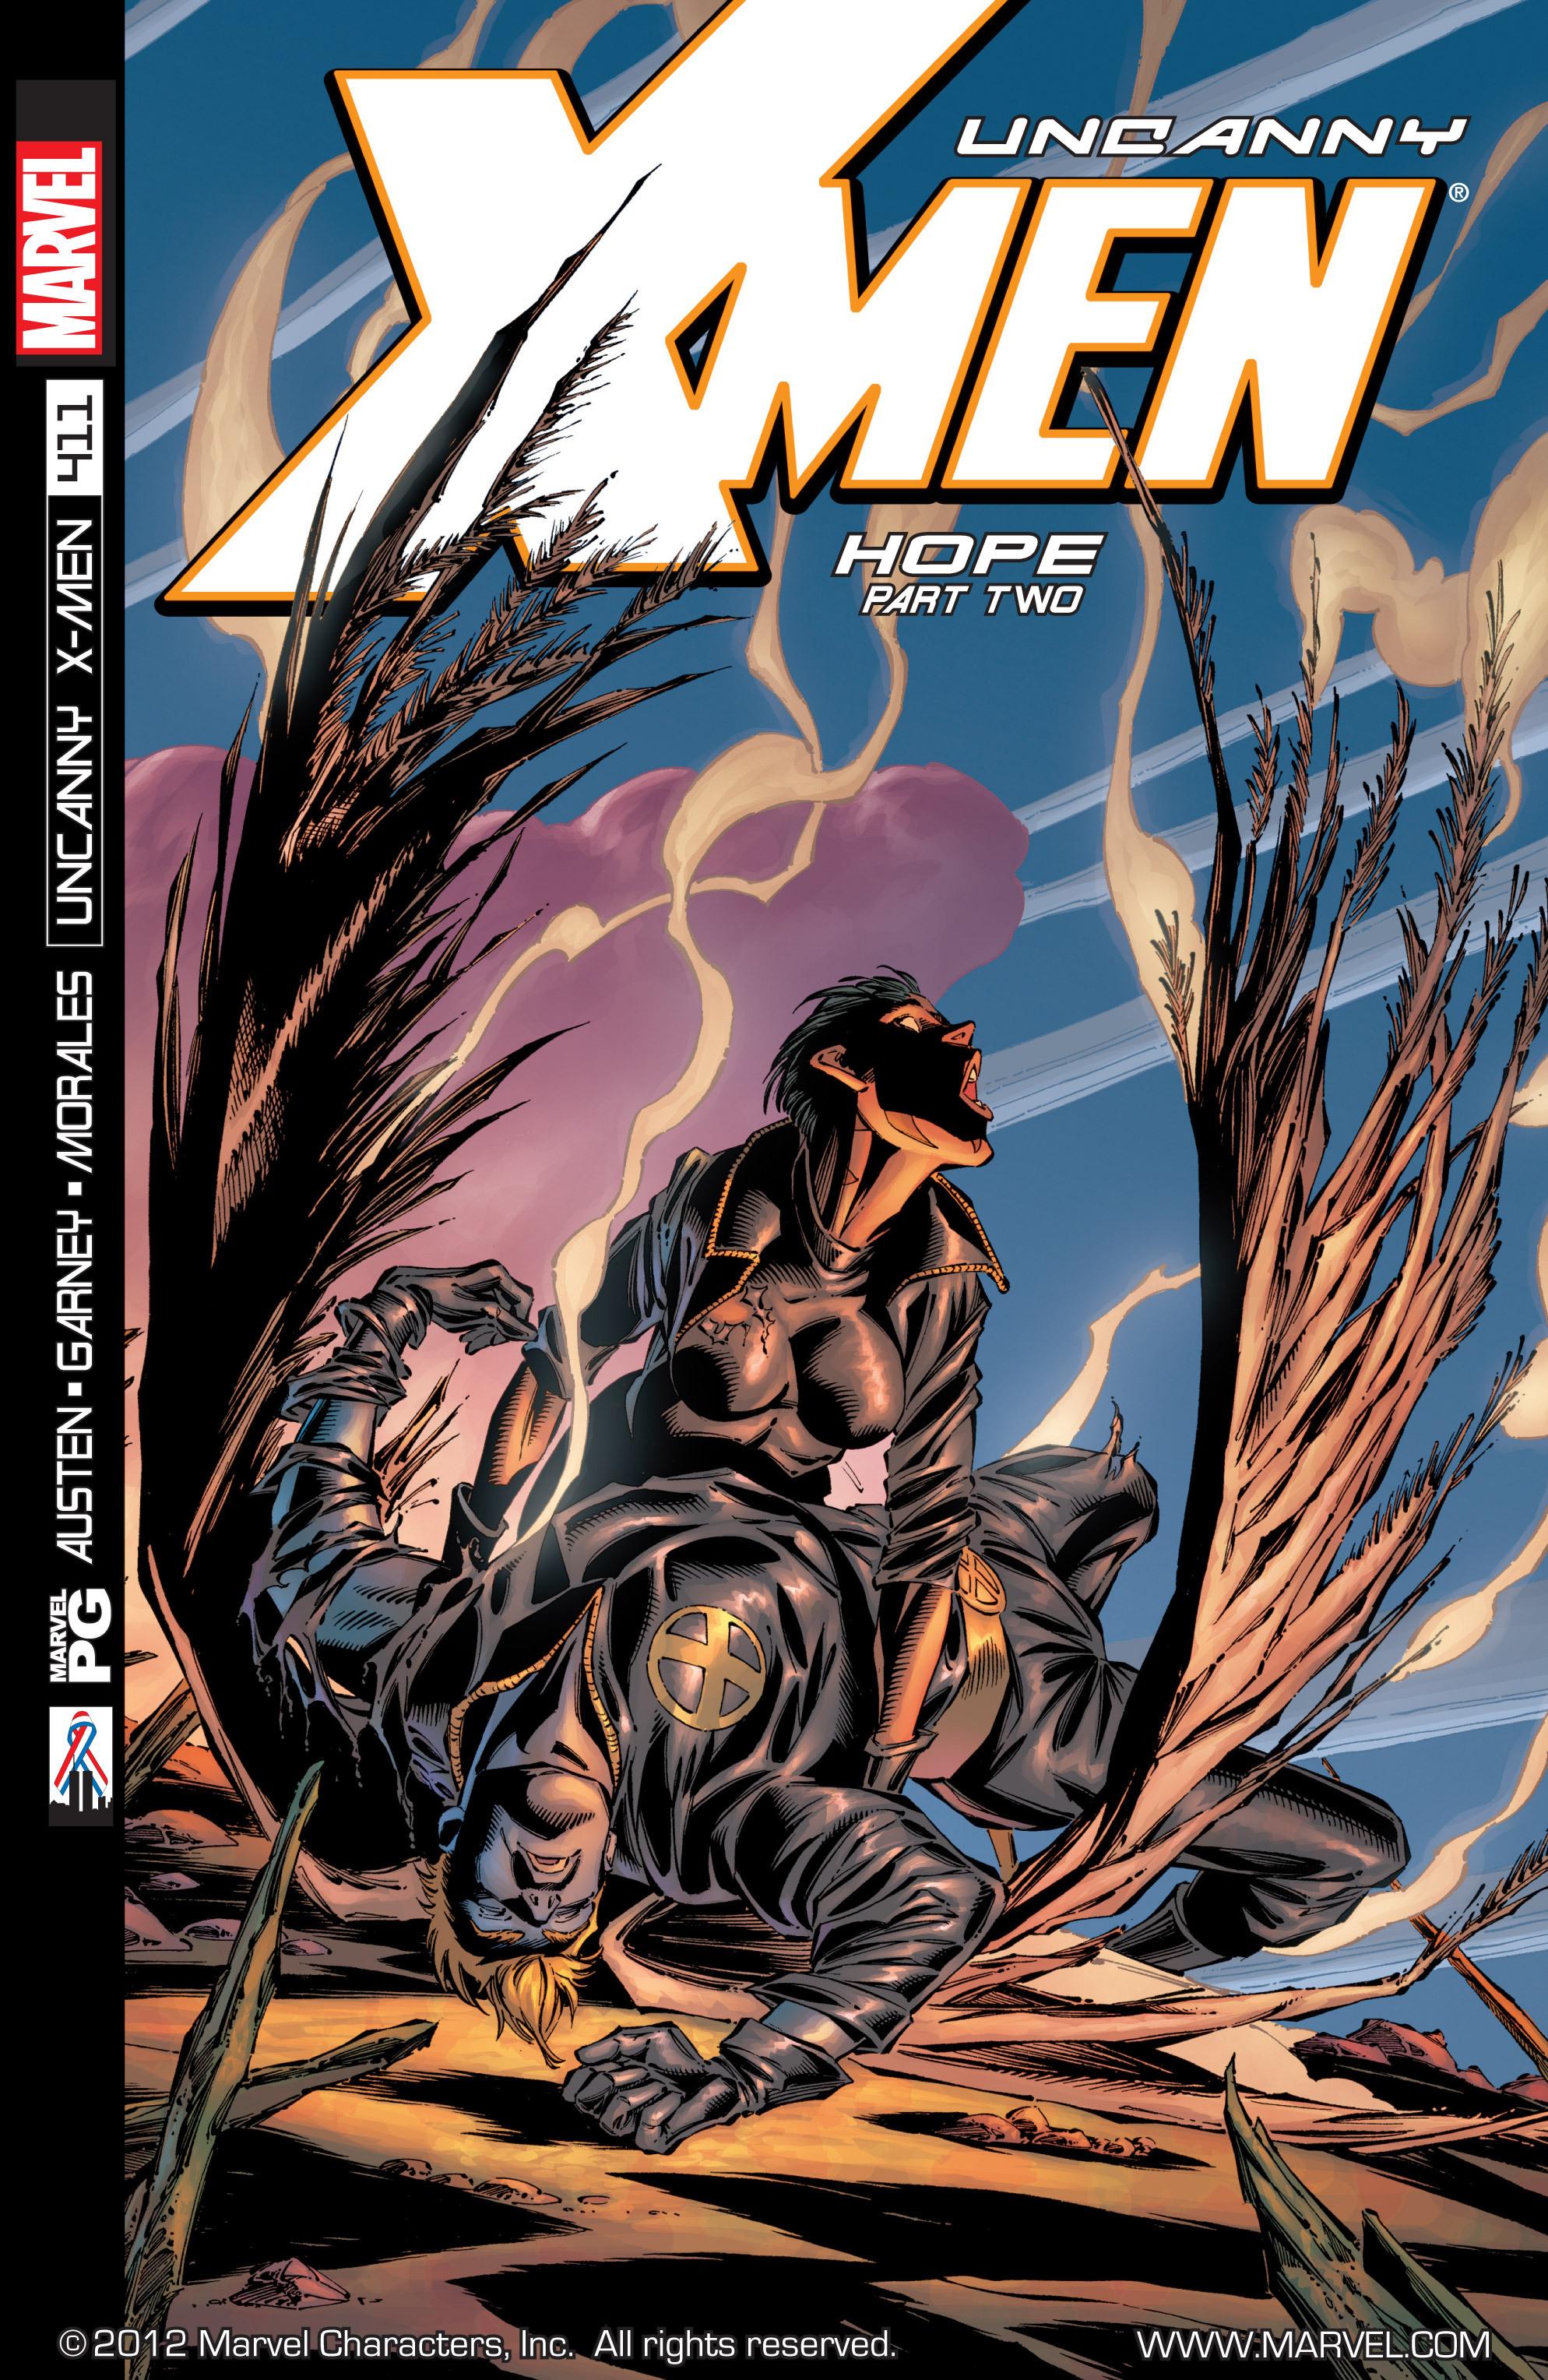 Read online Uncanny X-Men (1963) comic -  Issue #411 - 1